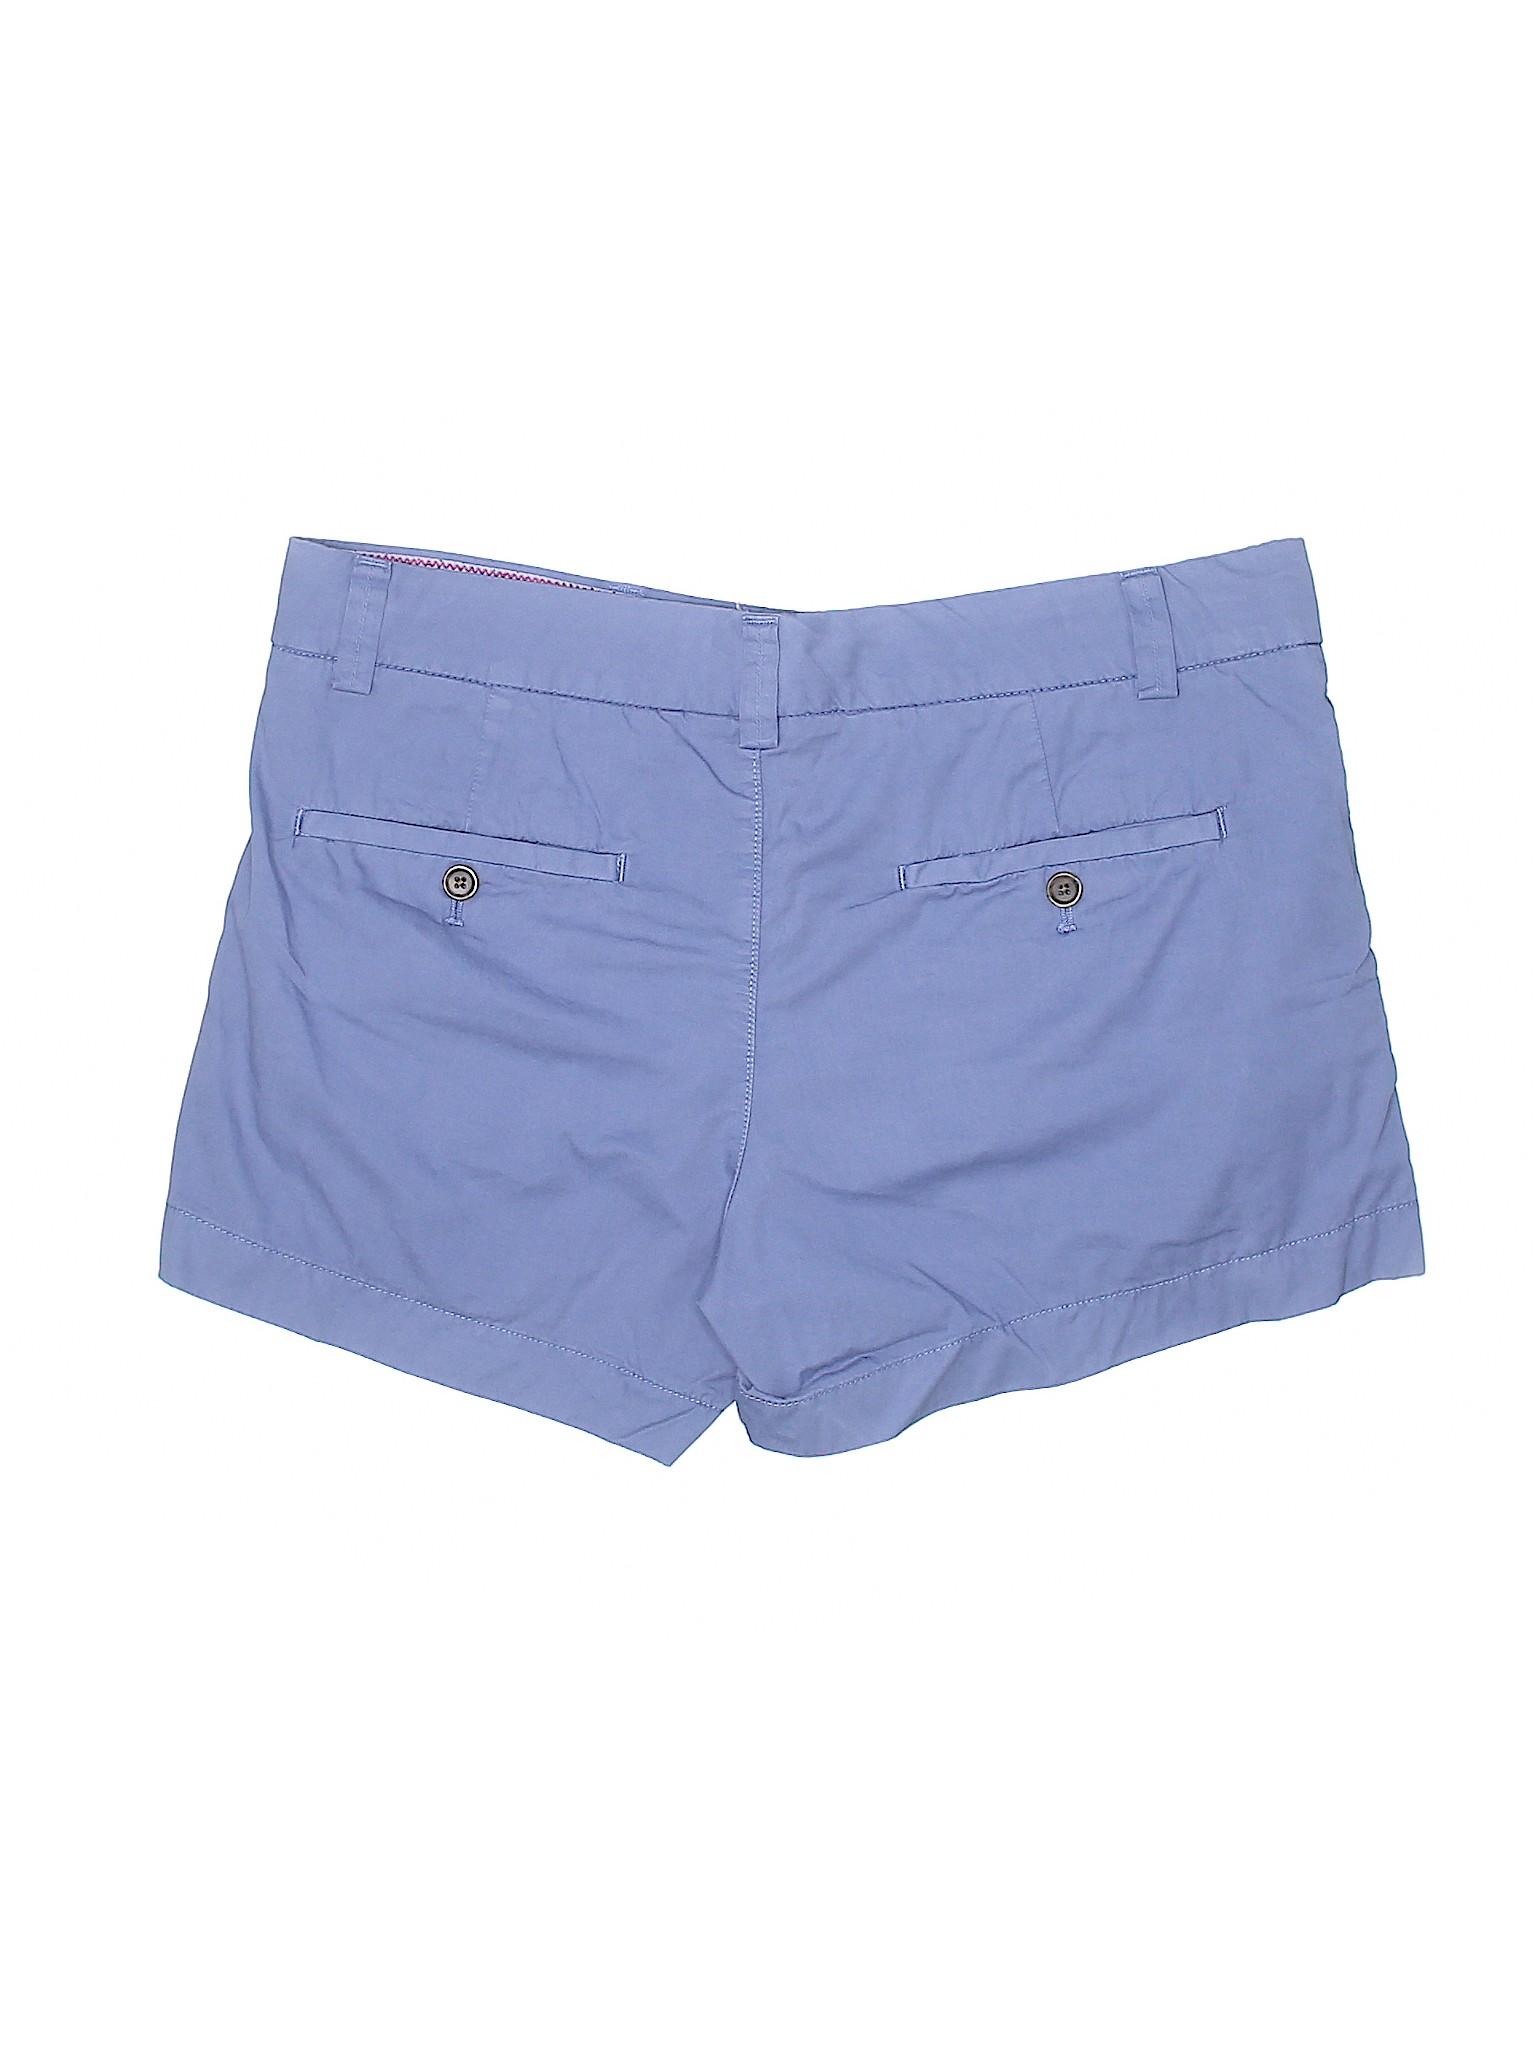 Uniqlo Shorts Uniqlo Boutique Khaki Boutique wdEIqEr